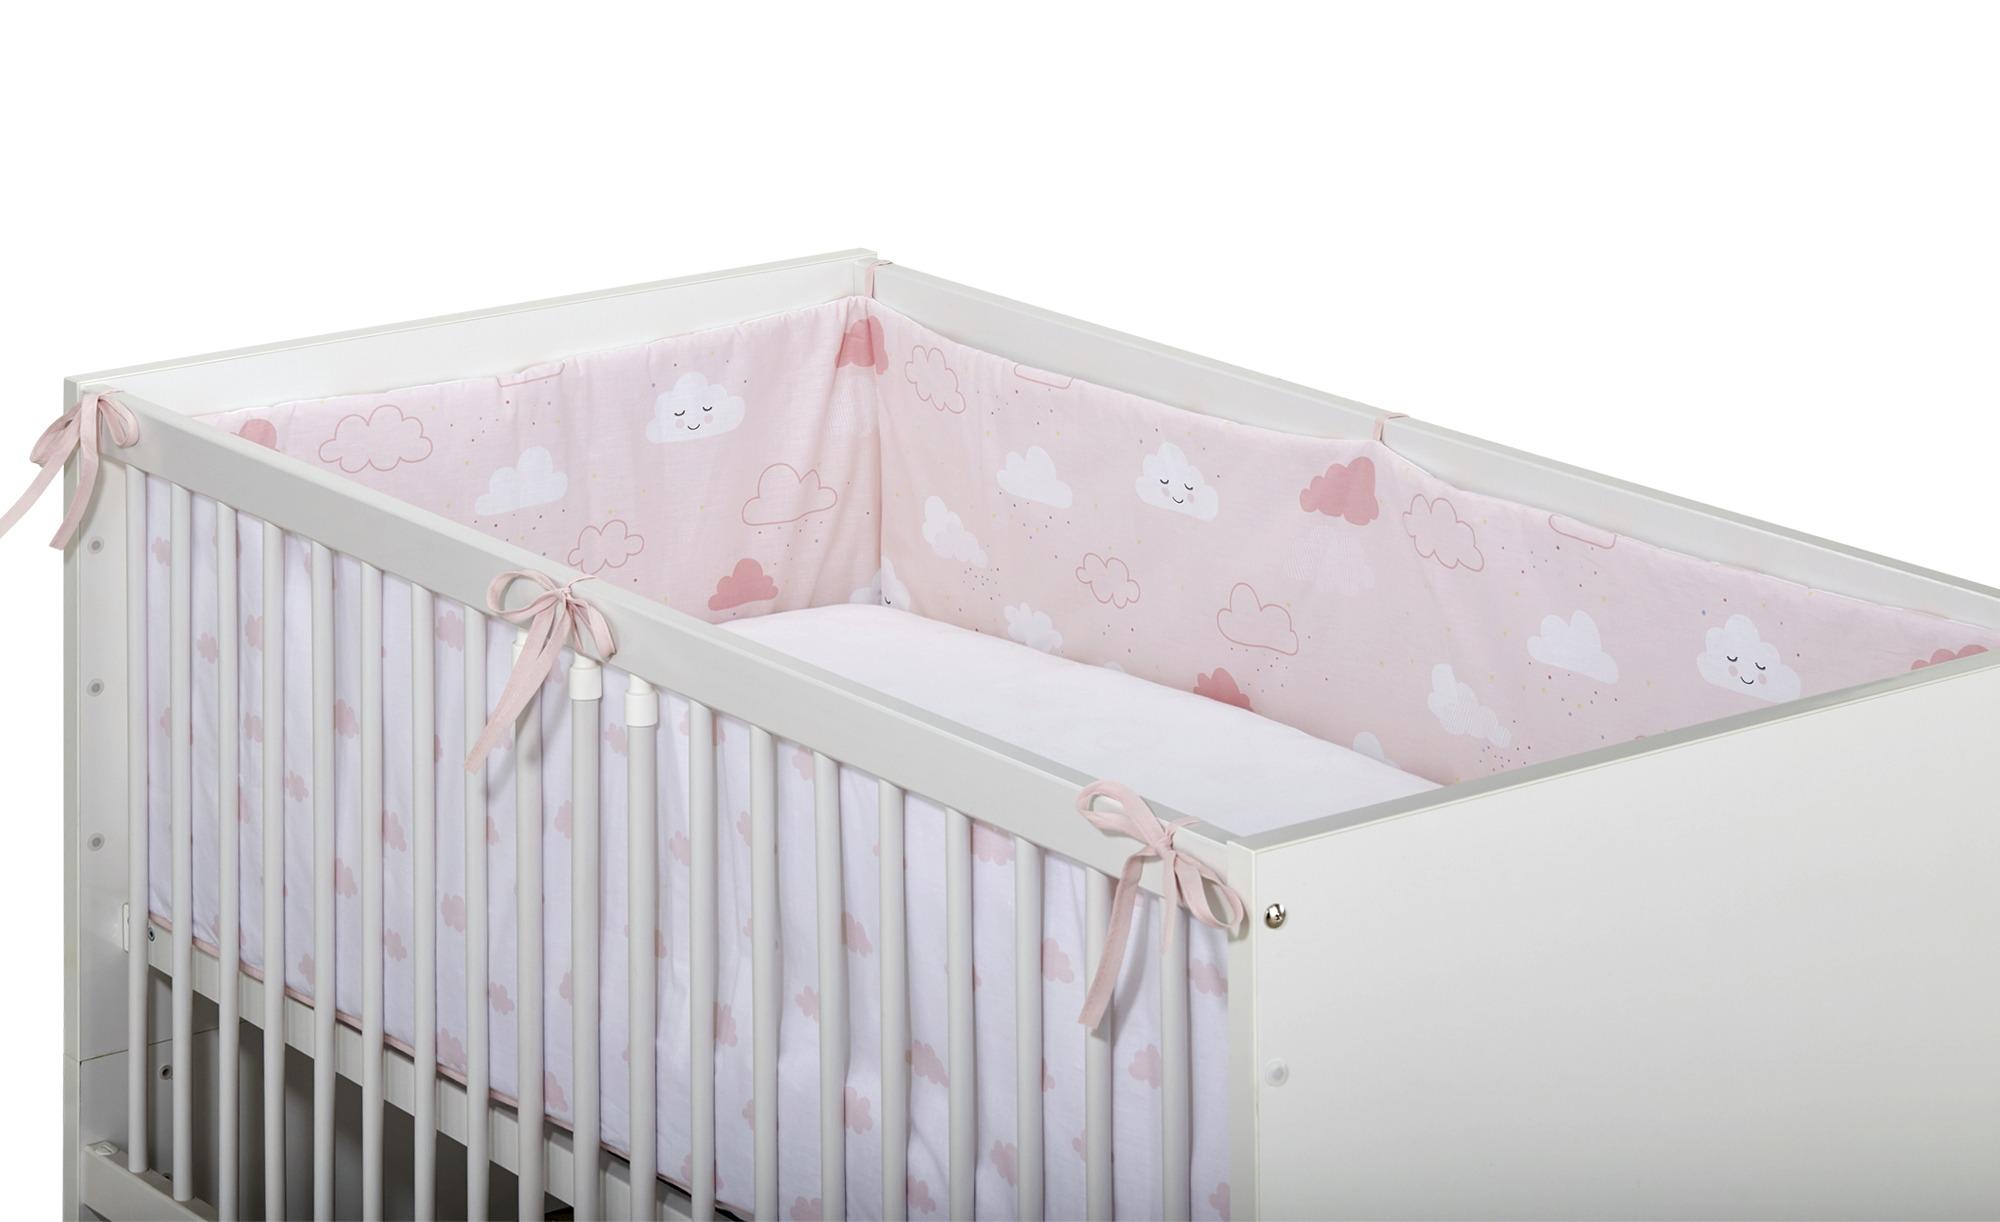 Hoeffner babybetten & babywiegen online kaufen möbel suchmaschine